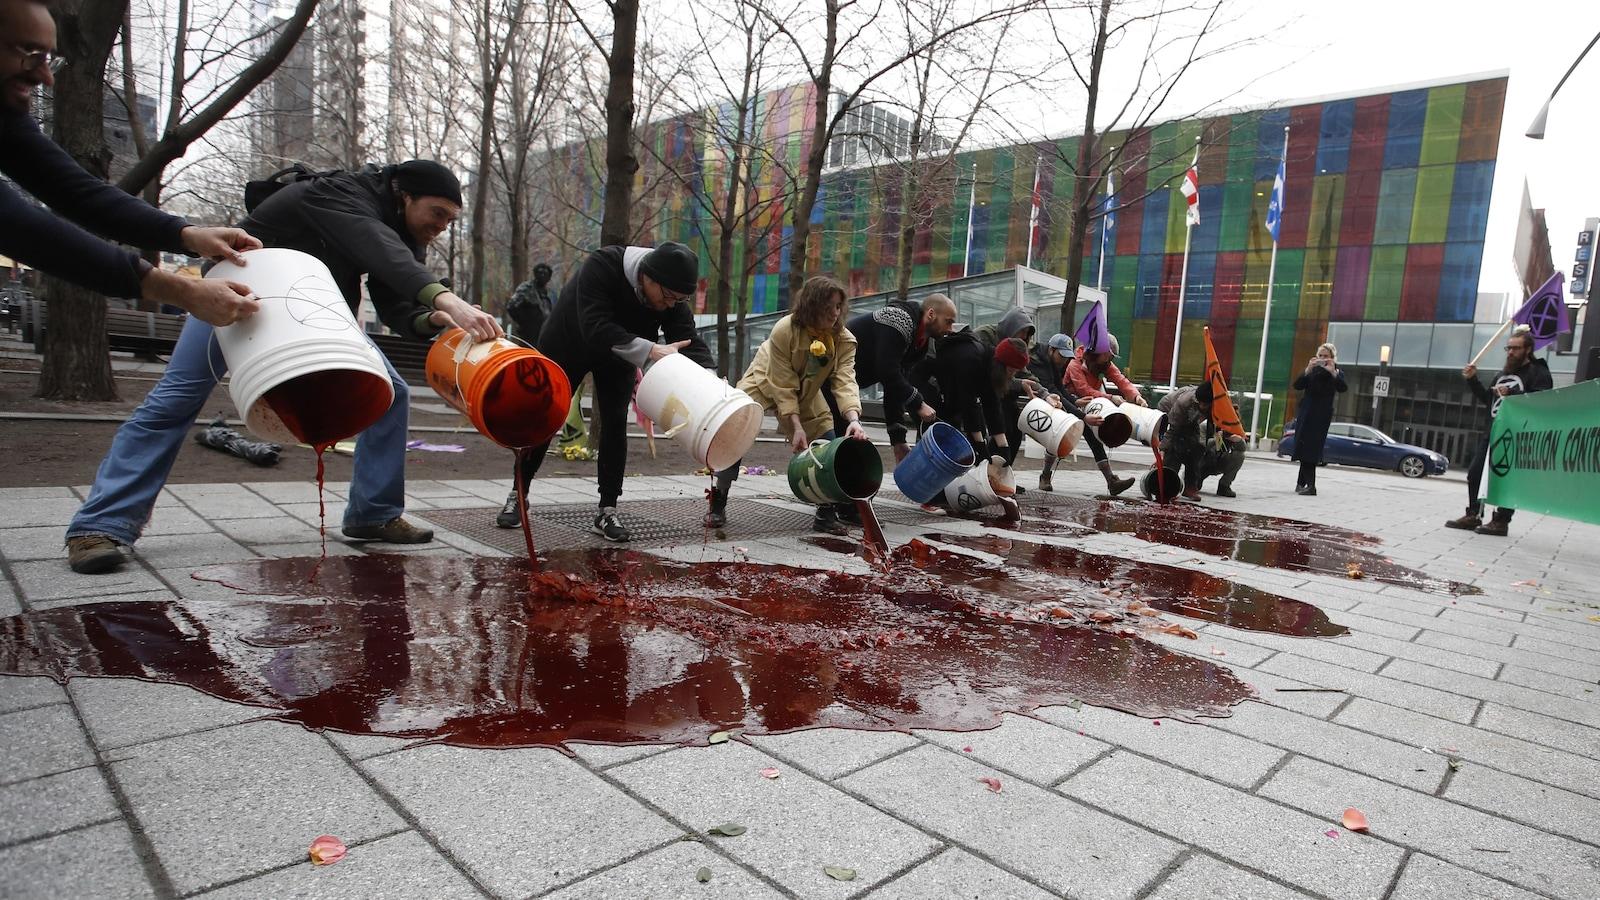 Une dizaine de manifestants vident des seaux remplis d'un liquide rouge.